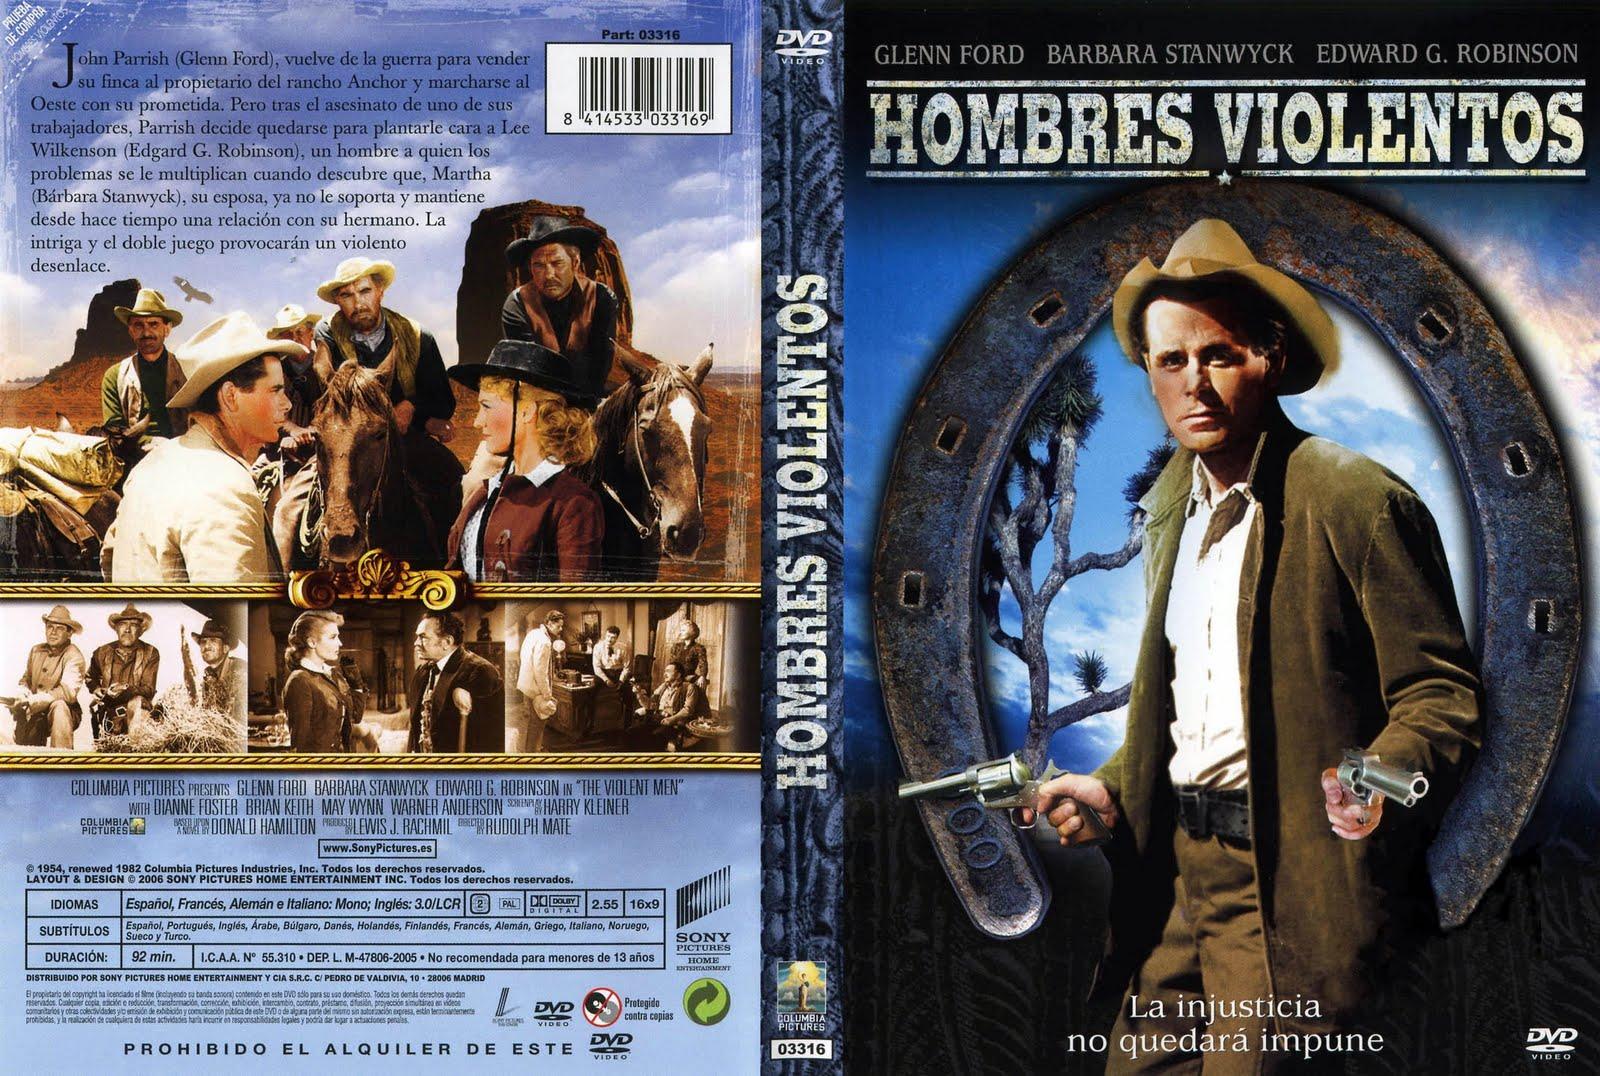 http://3.bp.blogspot.com/-eKtxqYwmahw/Tfx_ULaRE-I/AAAAAAAAAQk/fiHpMgrHA-w/s1600/Hombres_Violentos-Caratula.jpg